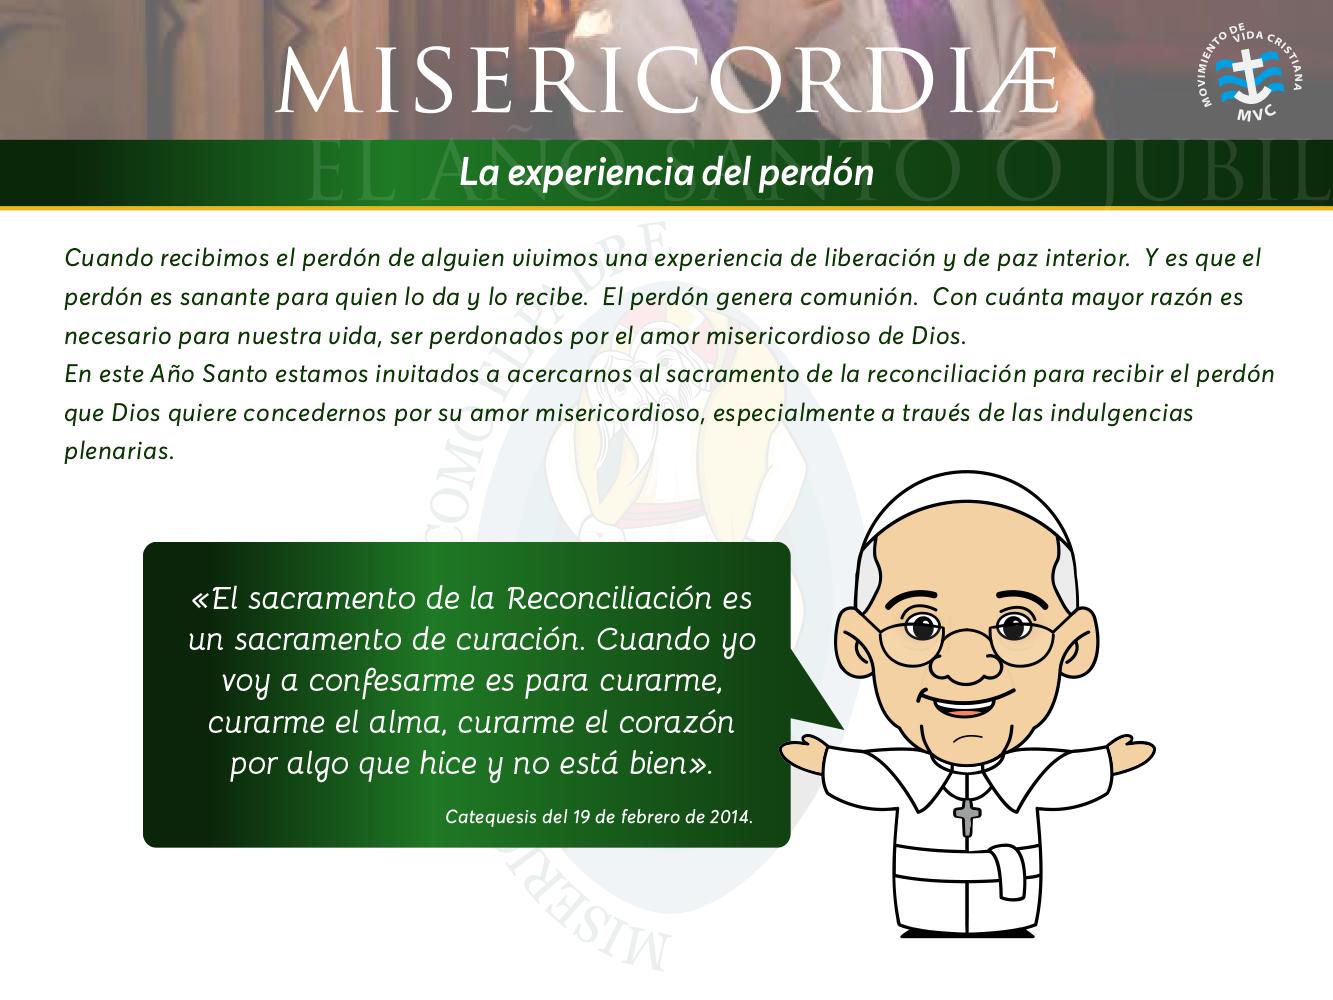 Misericordiae La Experiencia Del Perdon Mvc